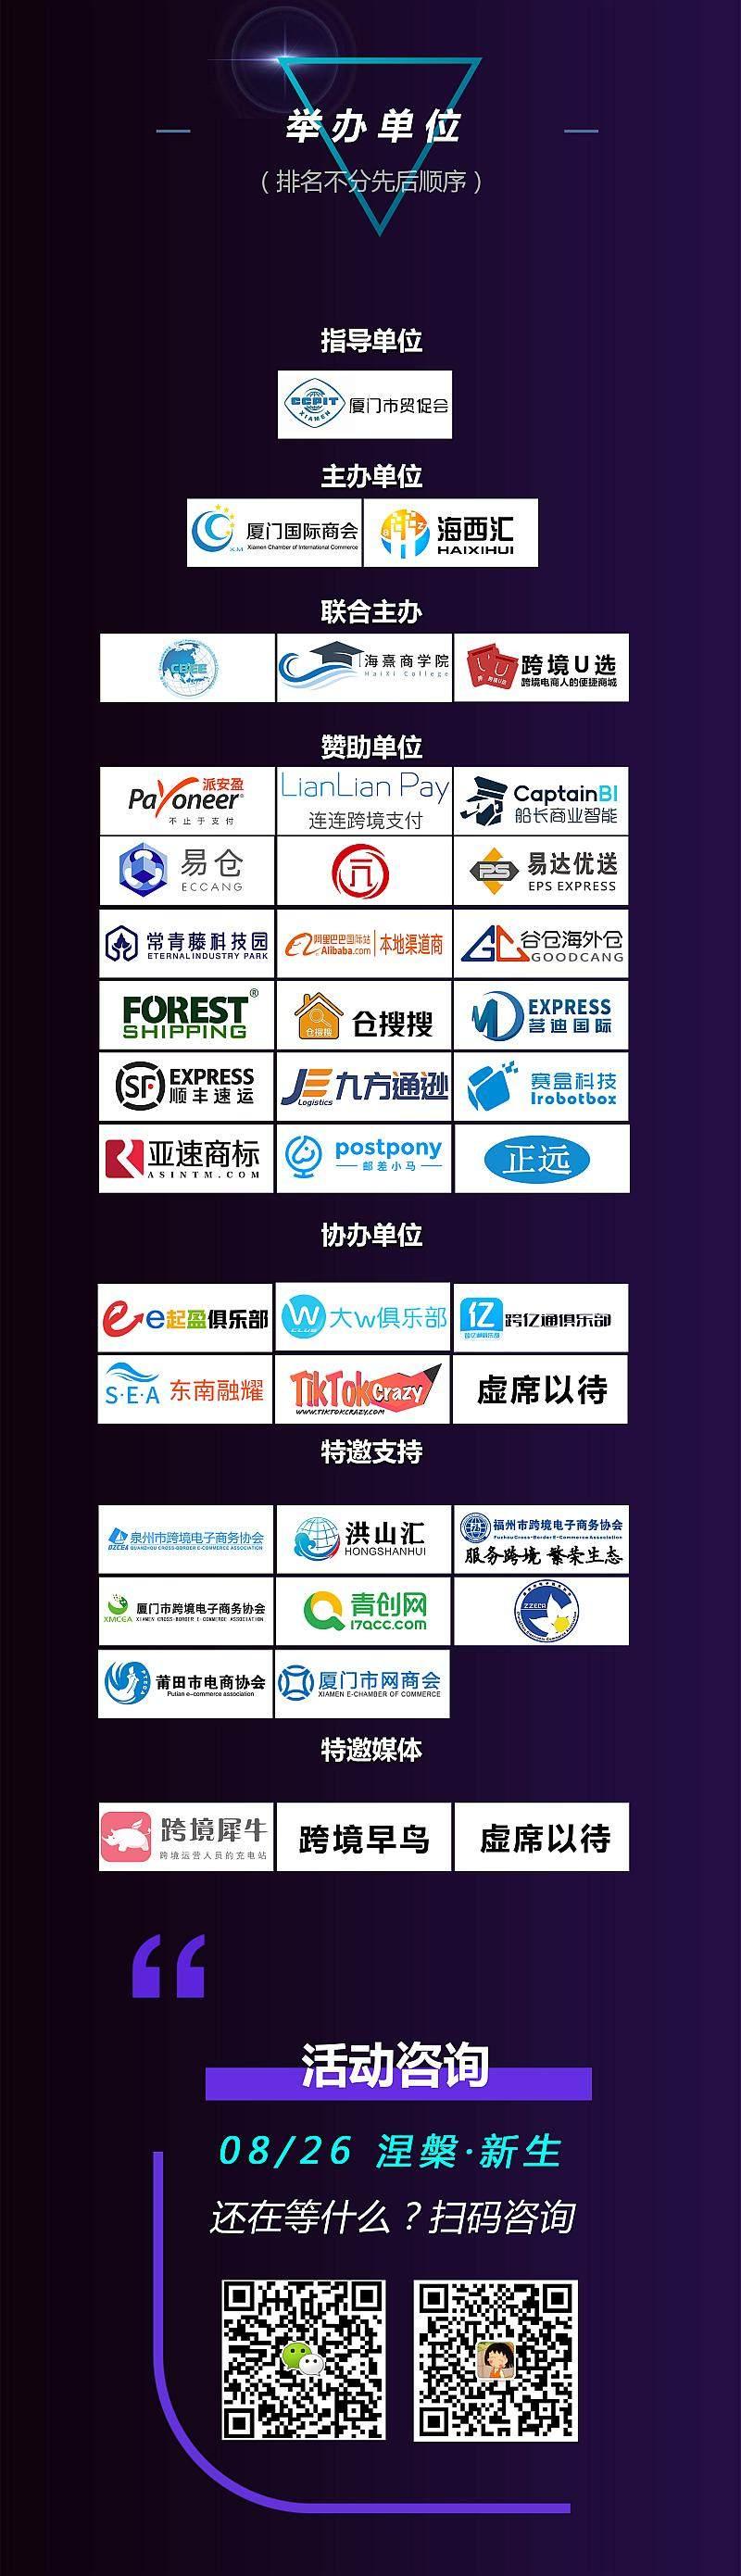 海西汇2020全球跨境电商高峰论坛(8月26日)